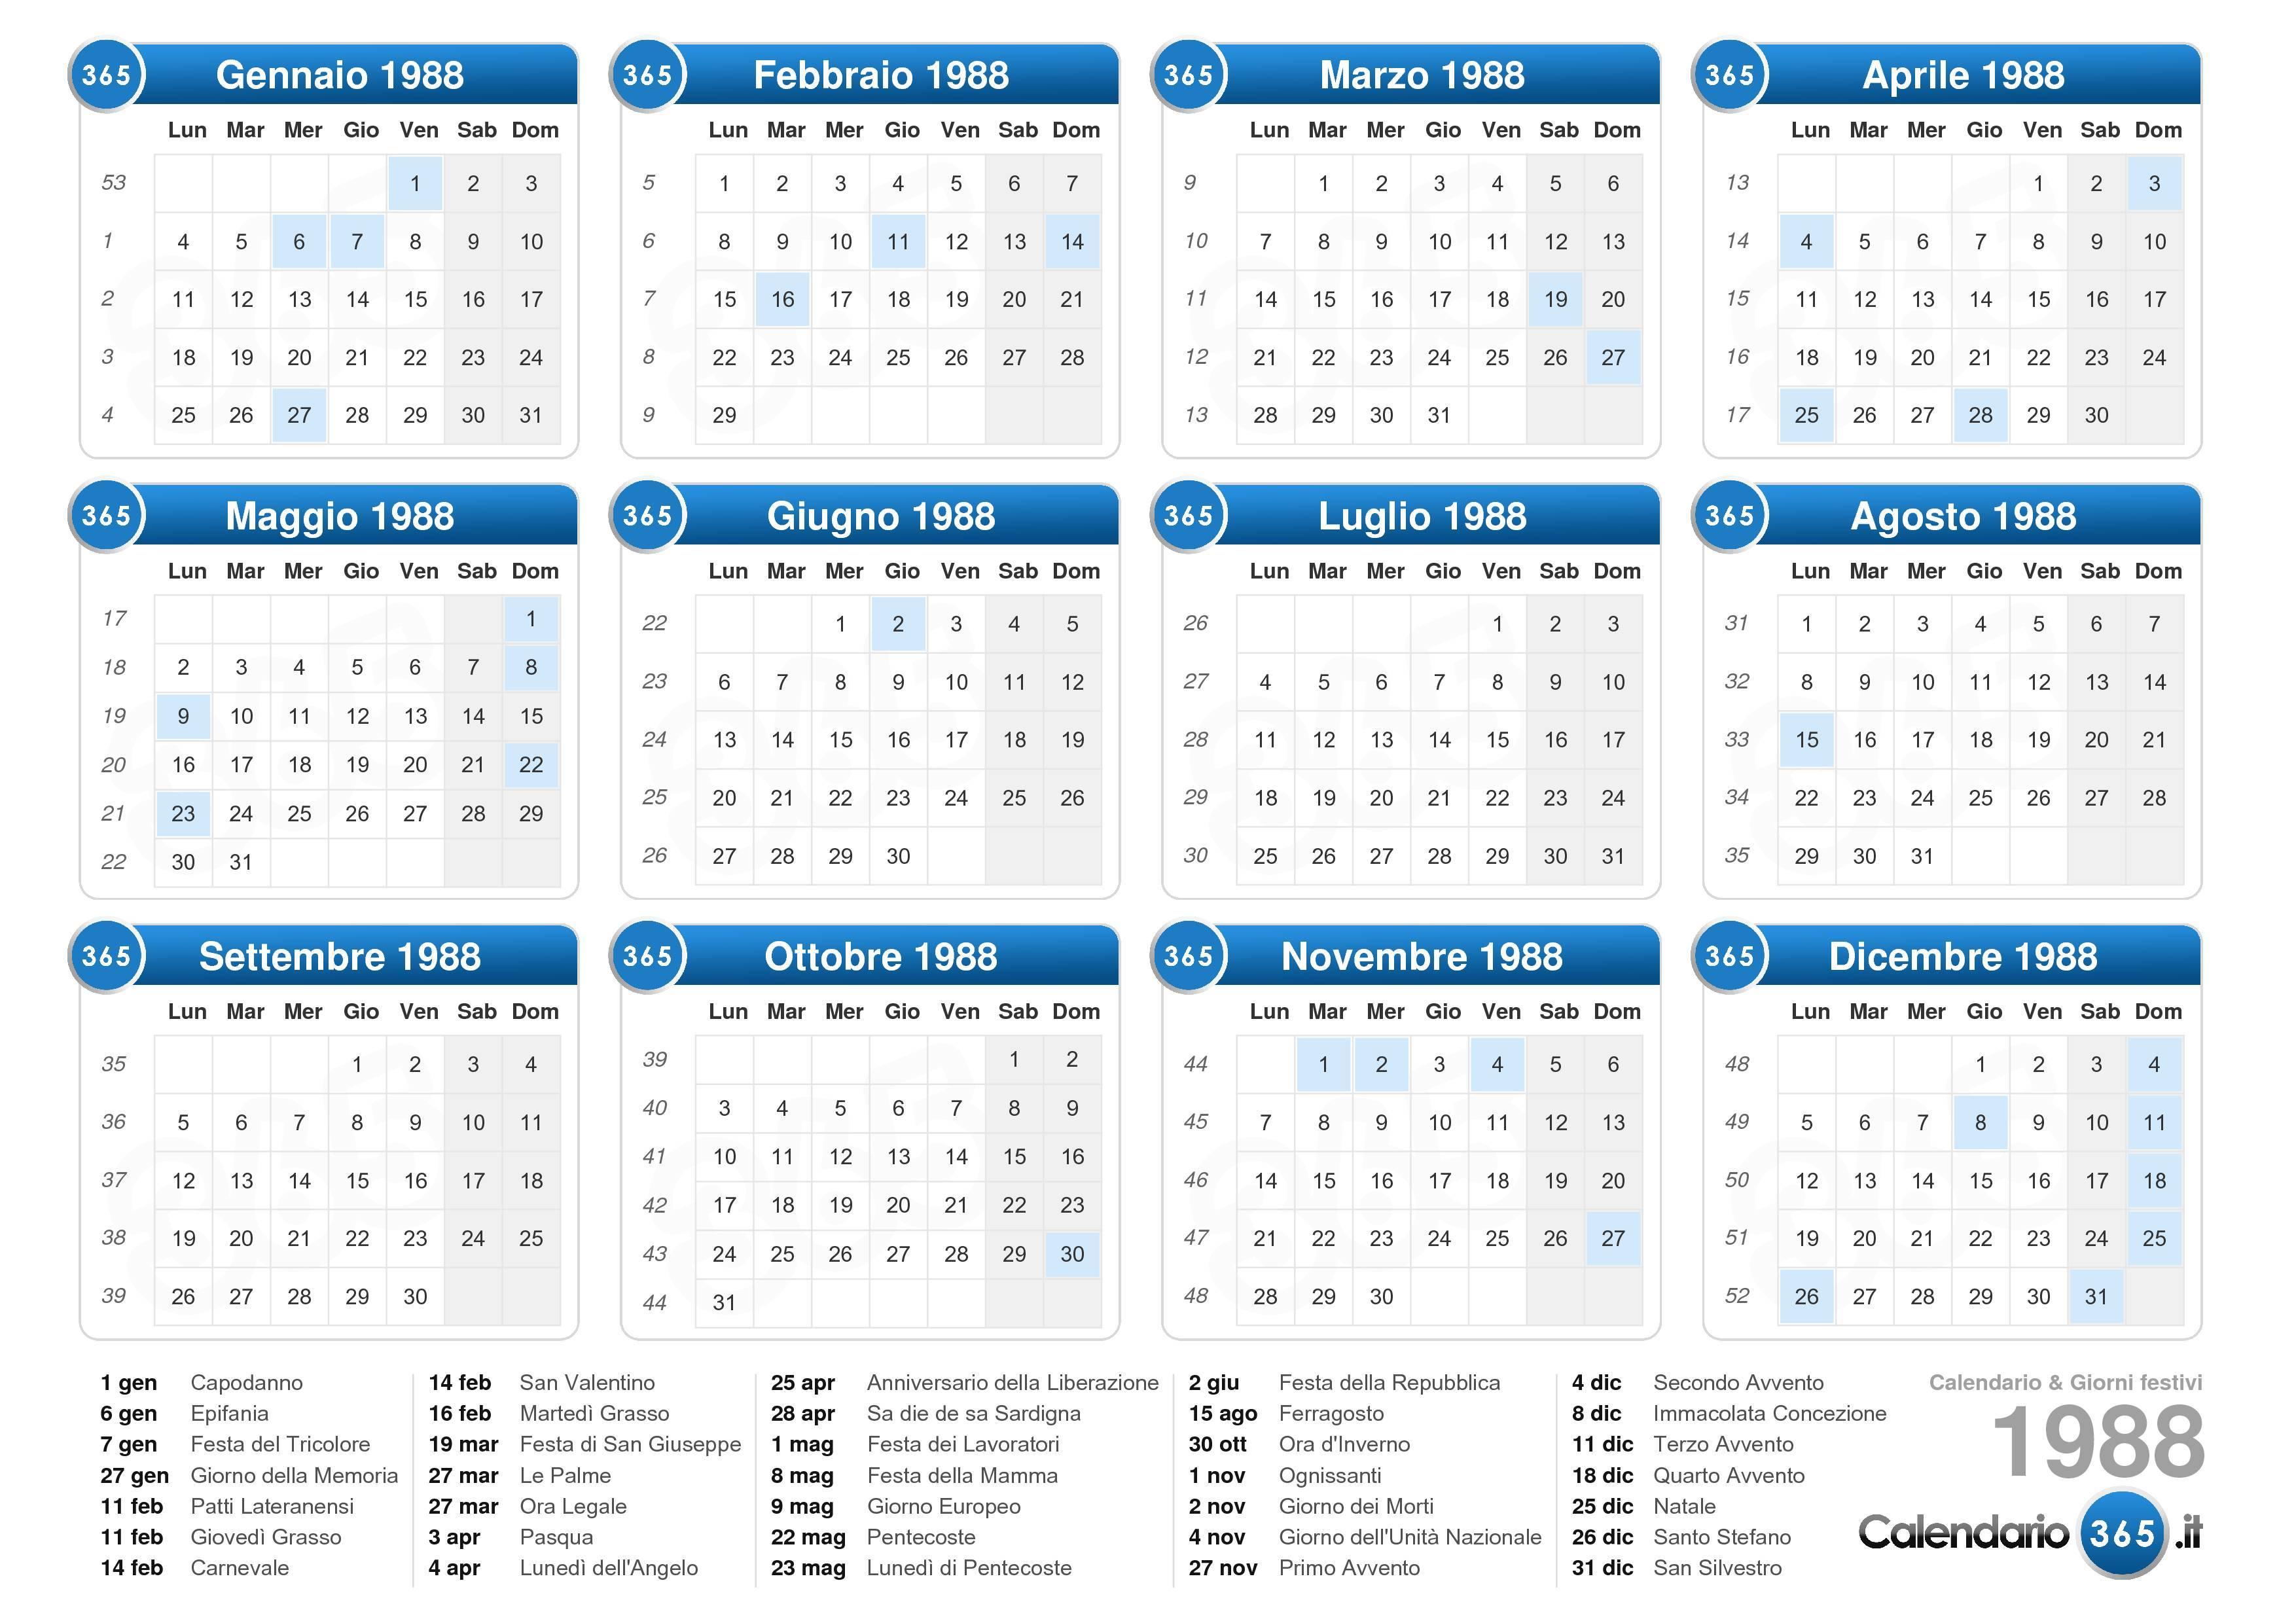 Calendario Lunare 1988.Calendario 1988